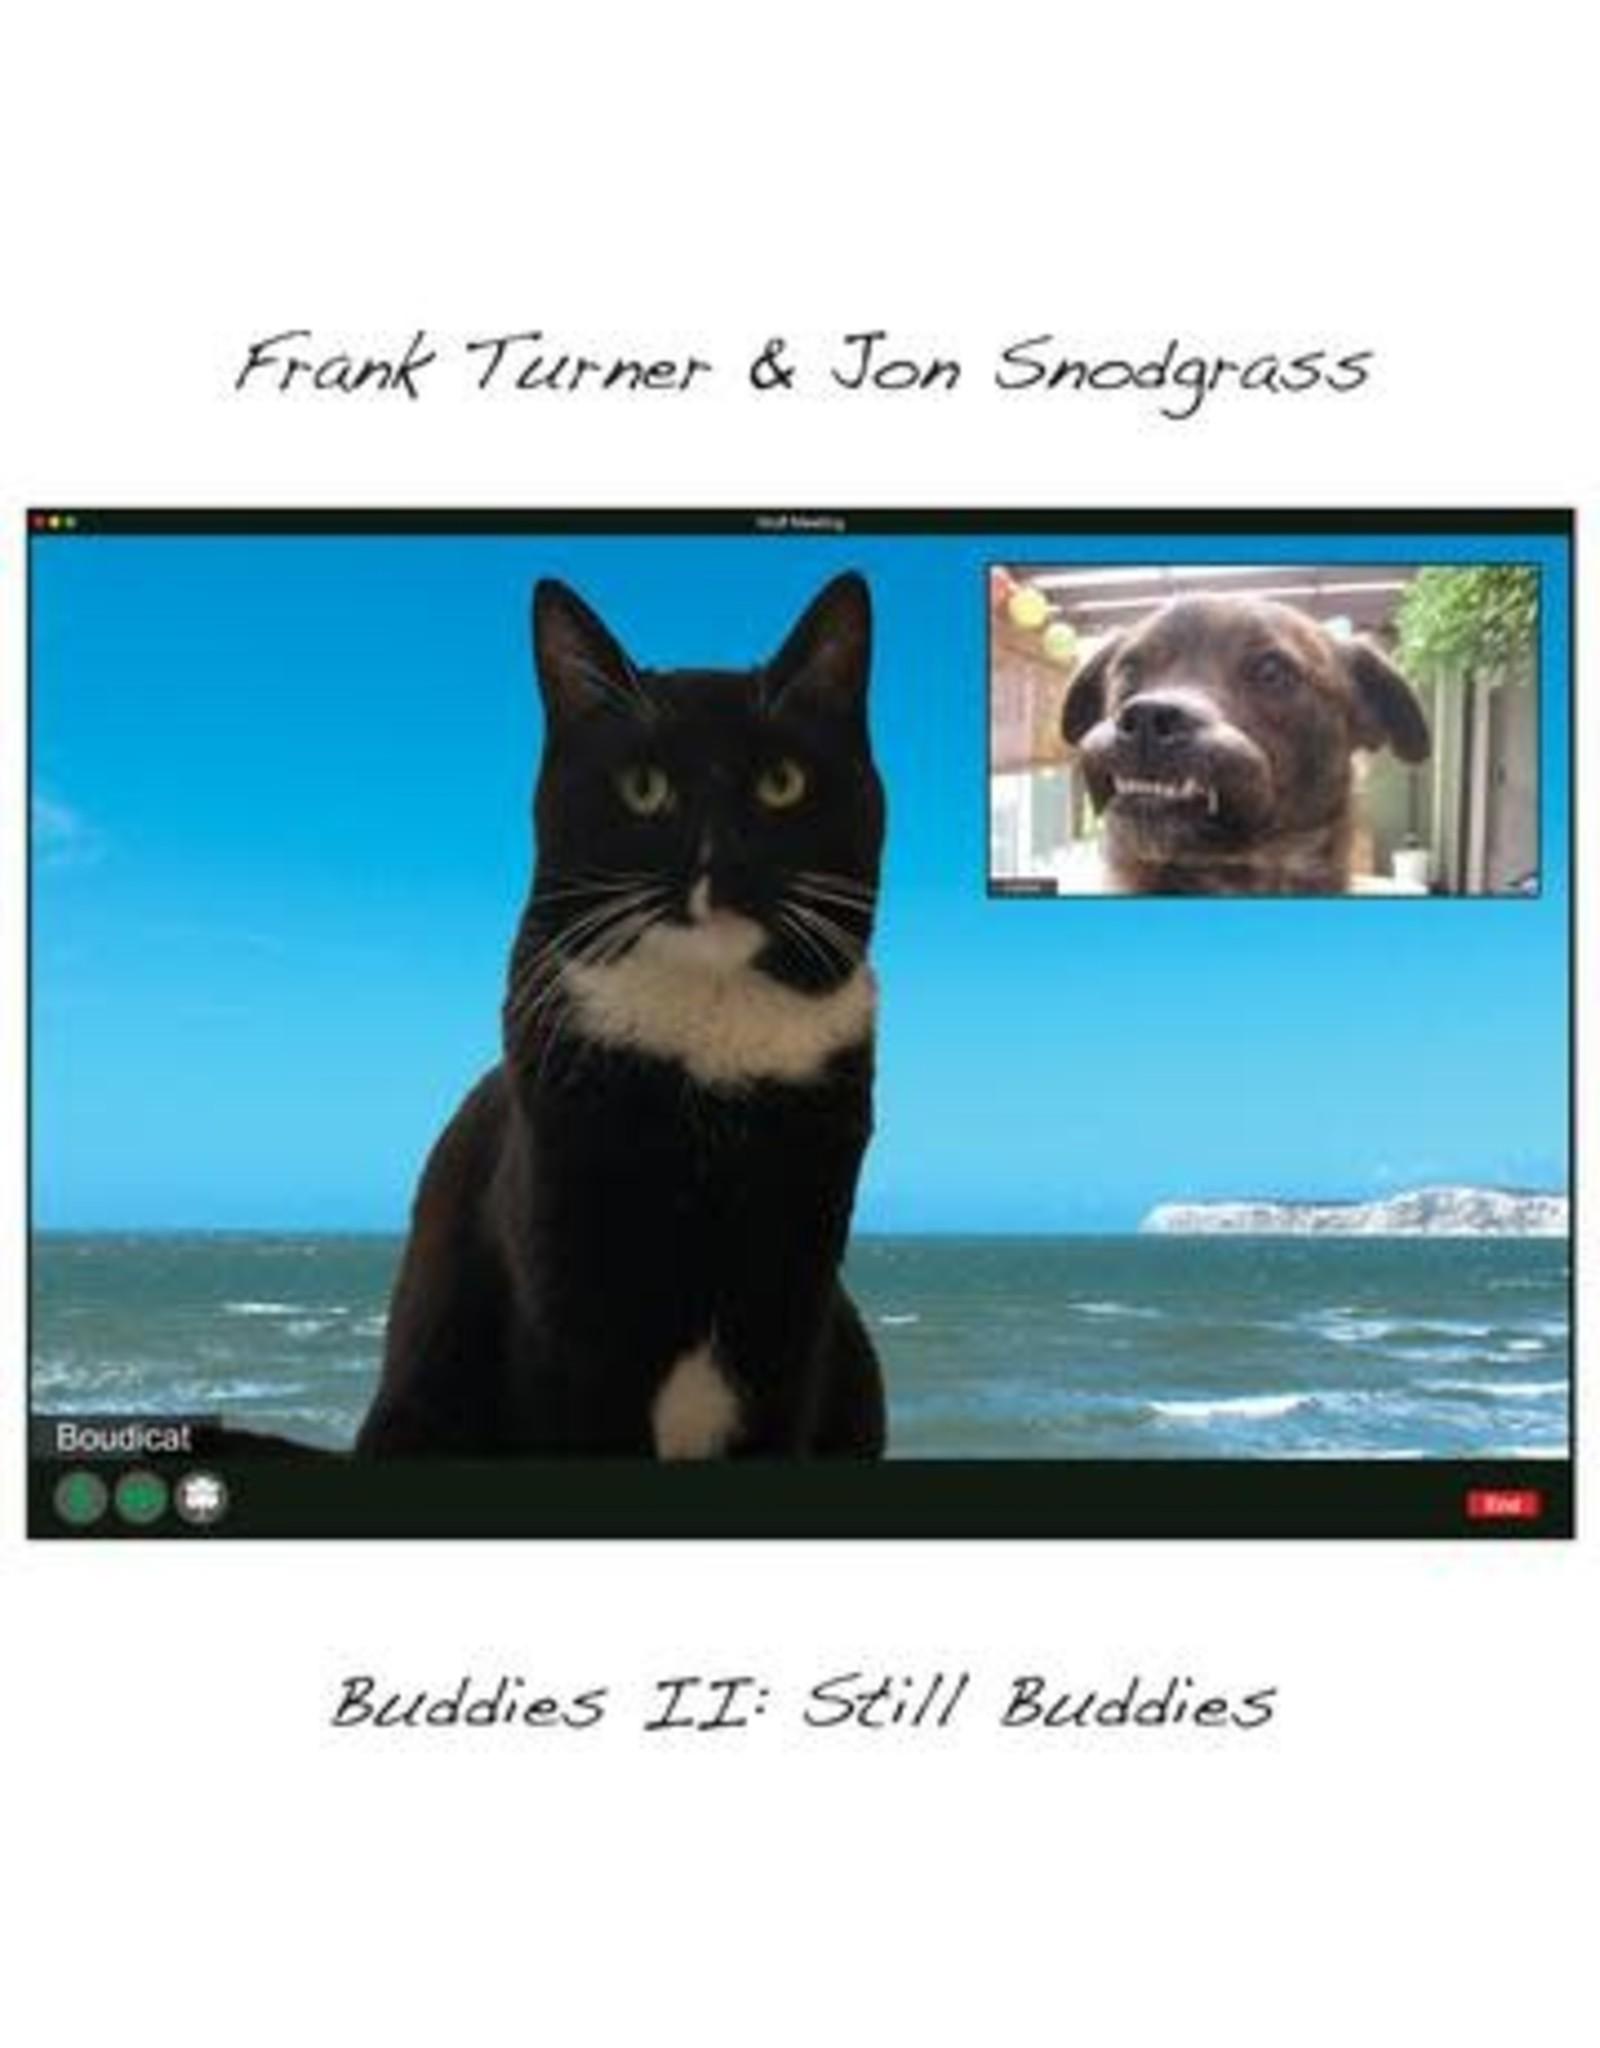 Turner, Frank & Snodgrass, Jon - Buddies II: Still Buddies LP